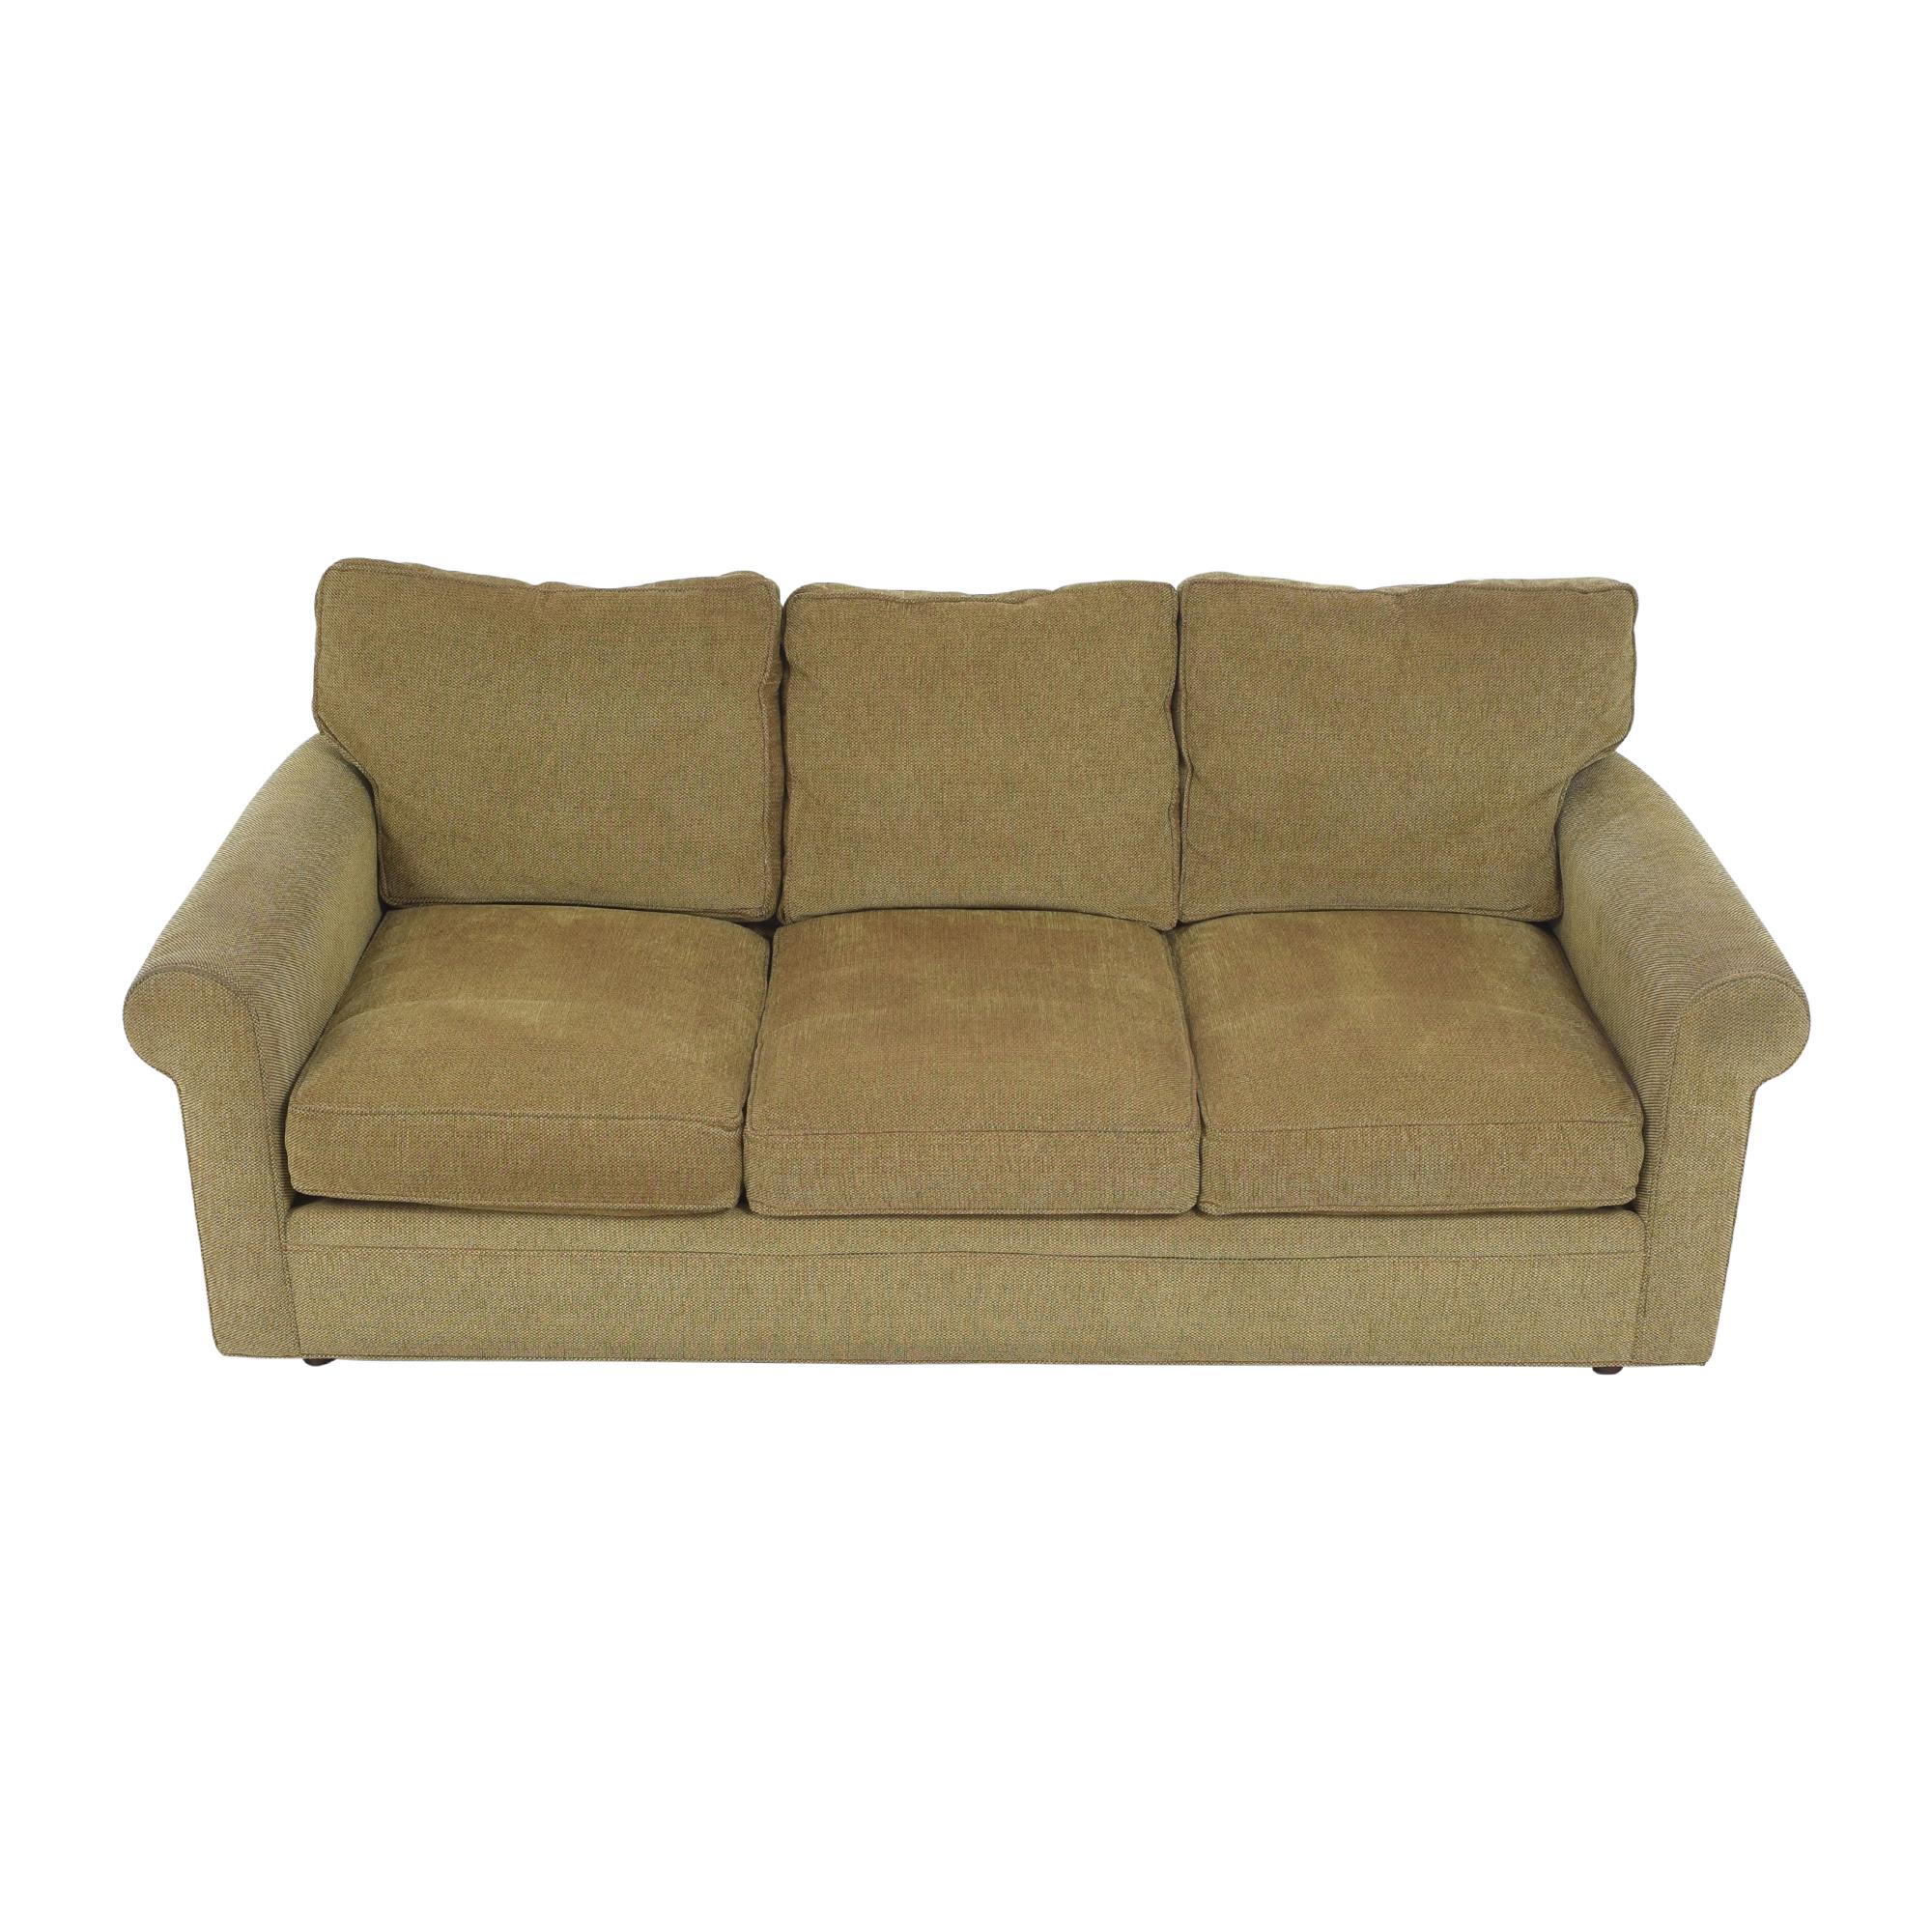 Crate & Barrel Crate & Barrel Three Cushion Sofa second hand